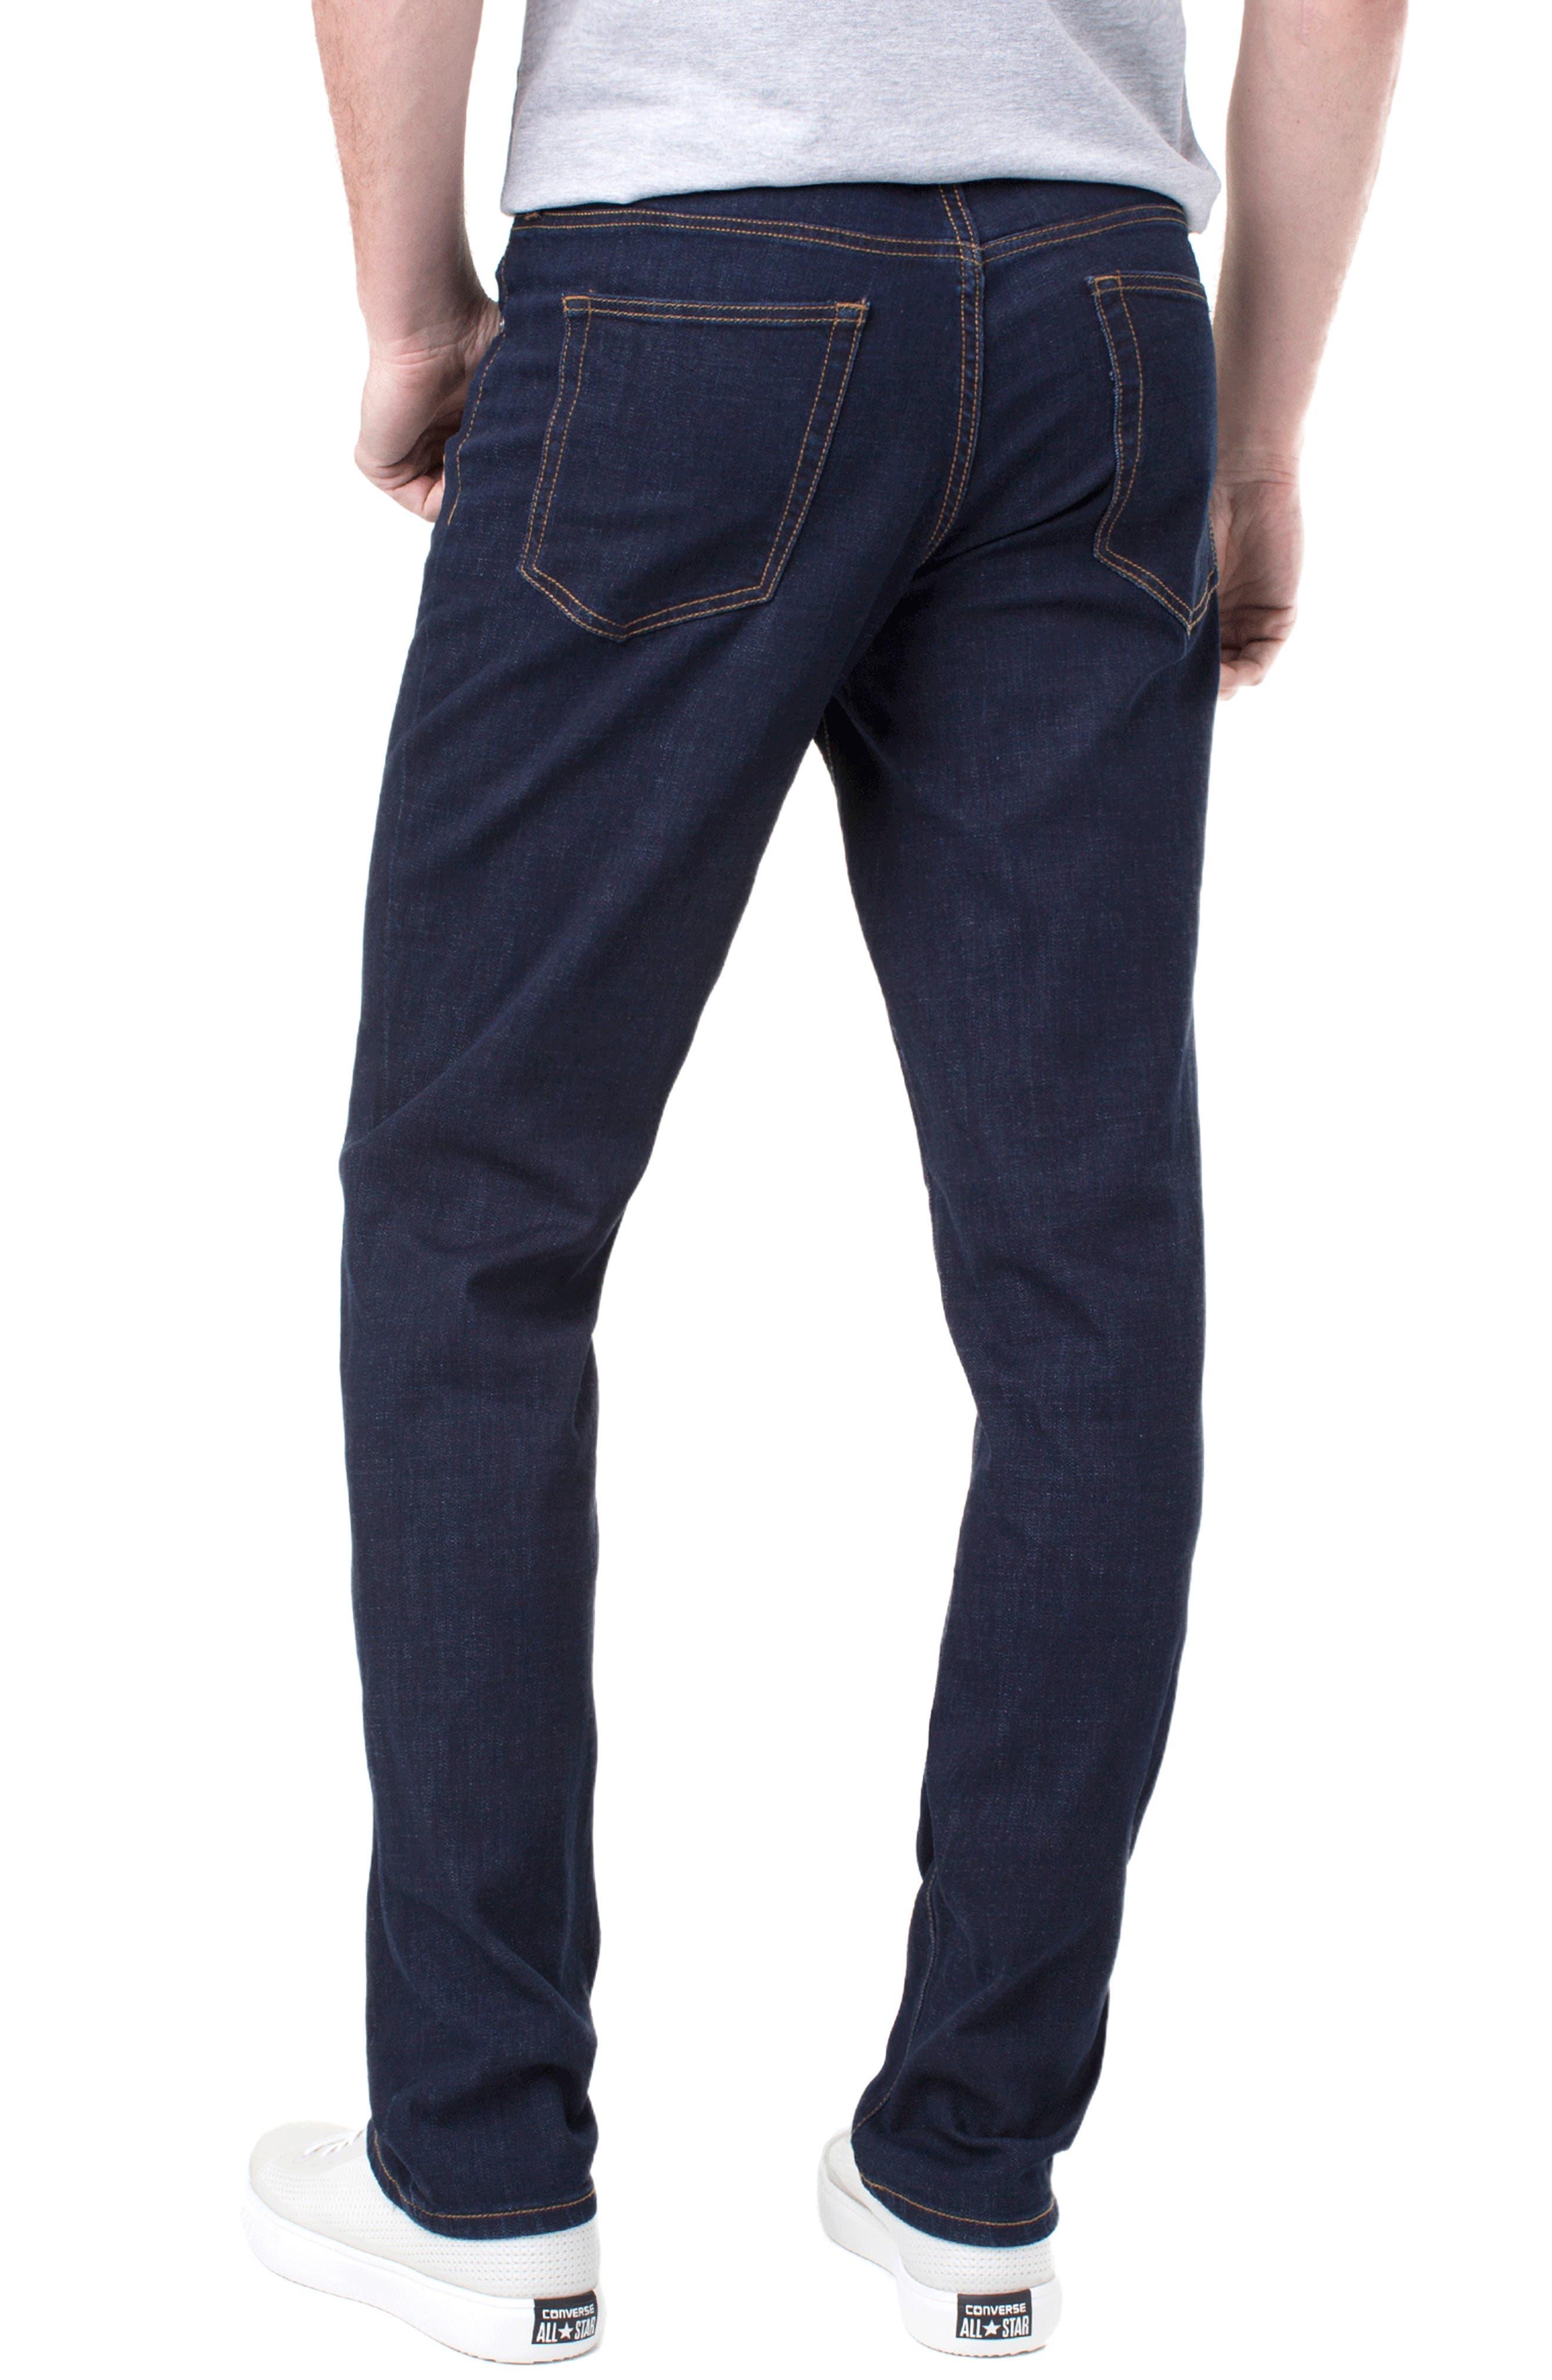 Kingston Slim Straight Leg Jeans,                             Alternate thumbnail 2, color,                             MODERN RINSE